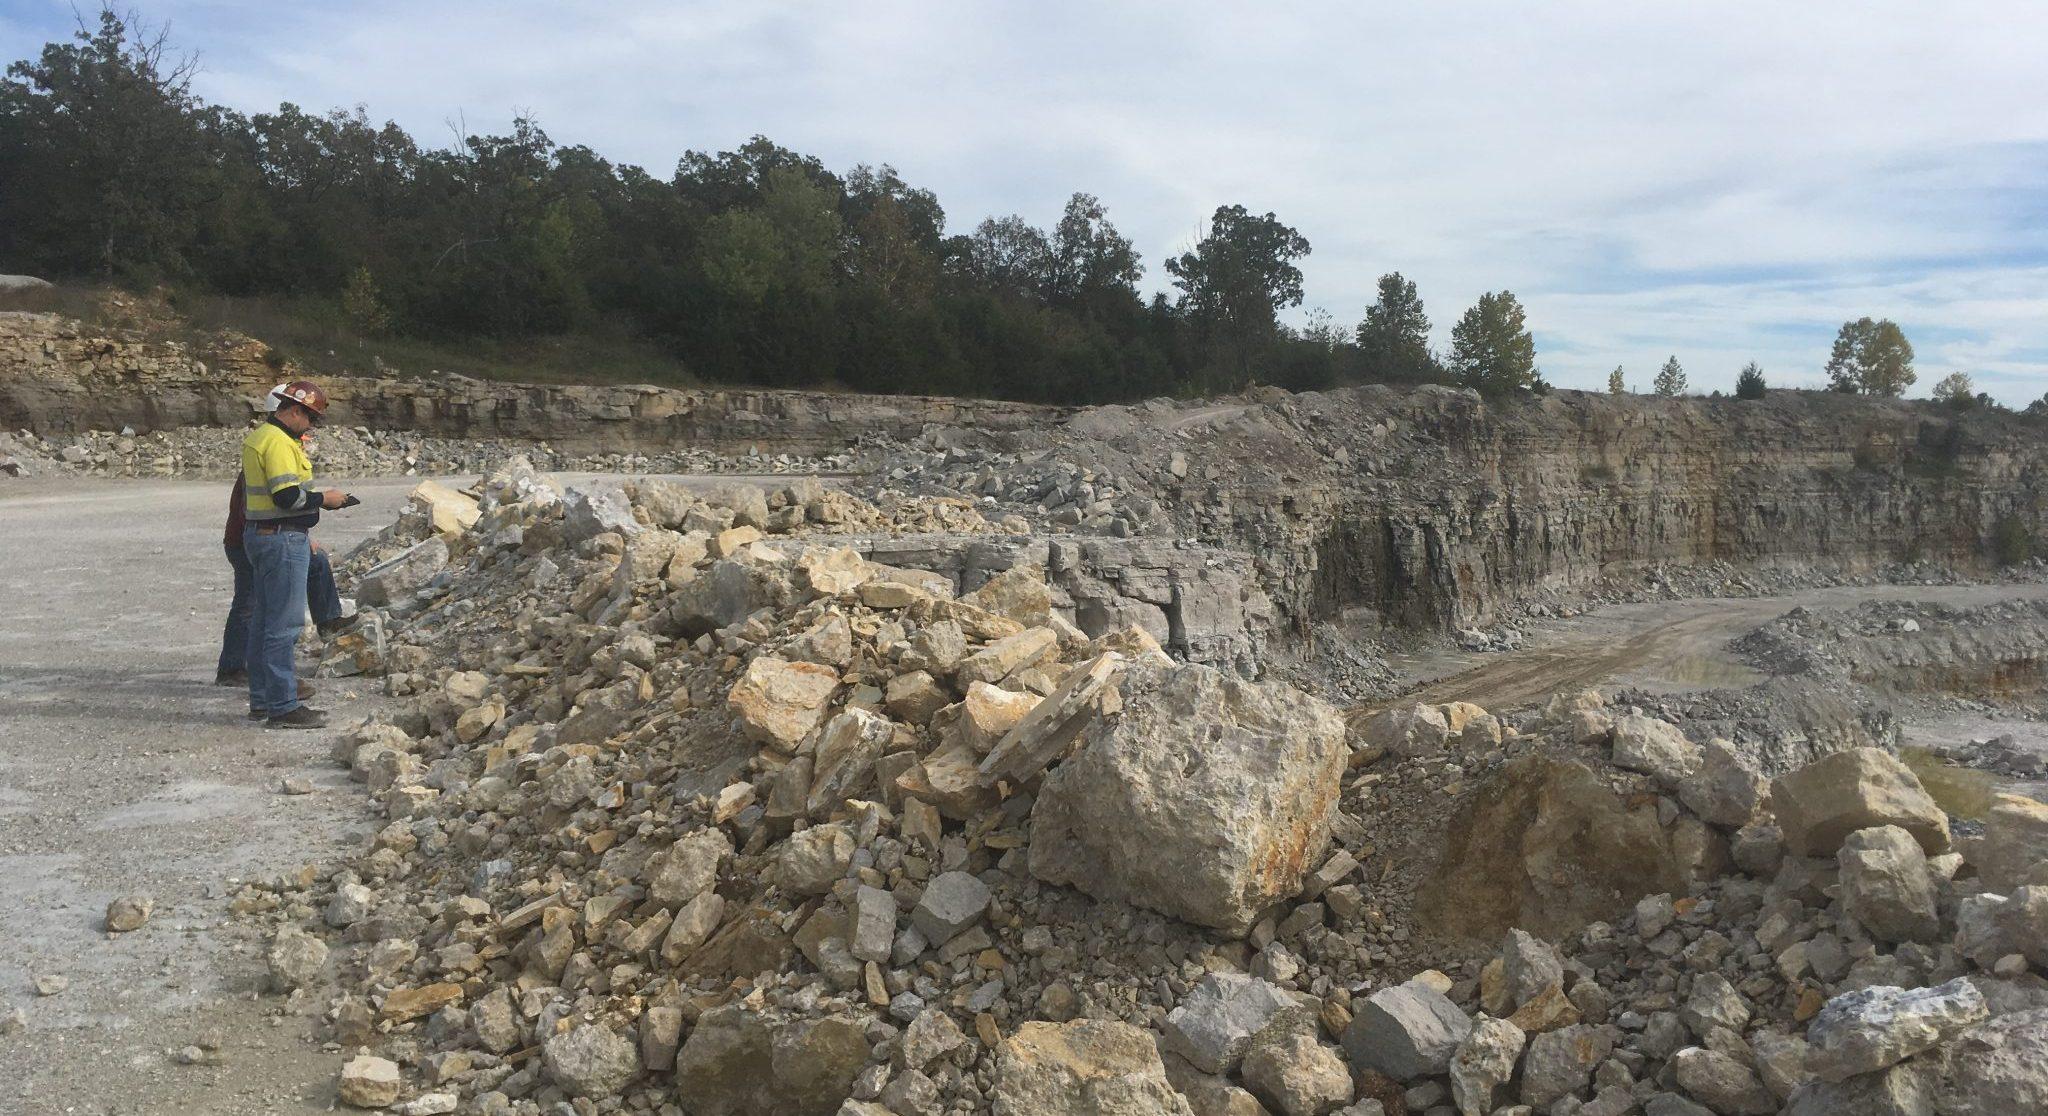 Indian Creek Materials, LLC